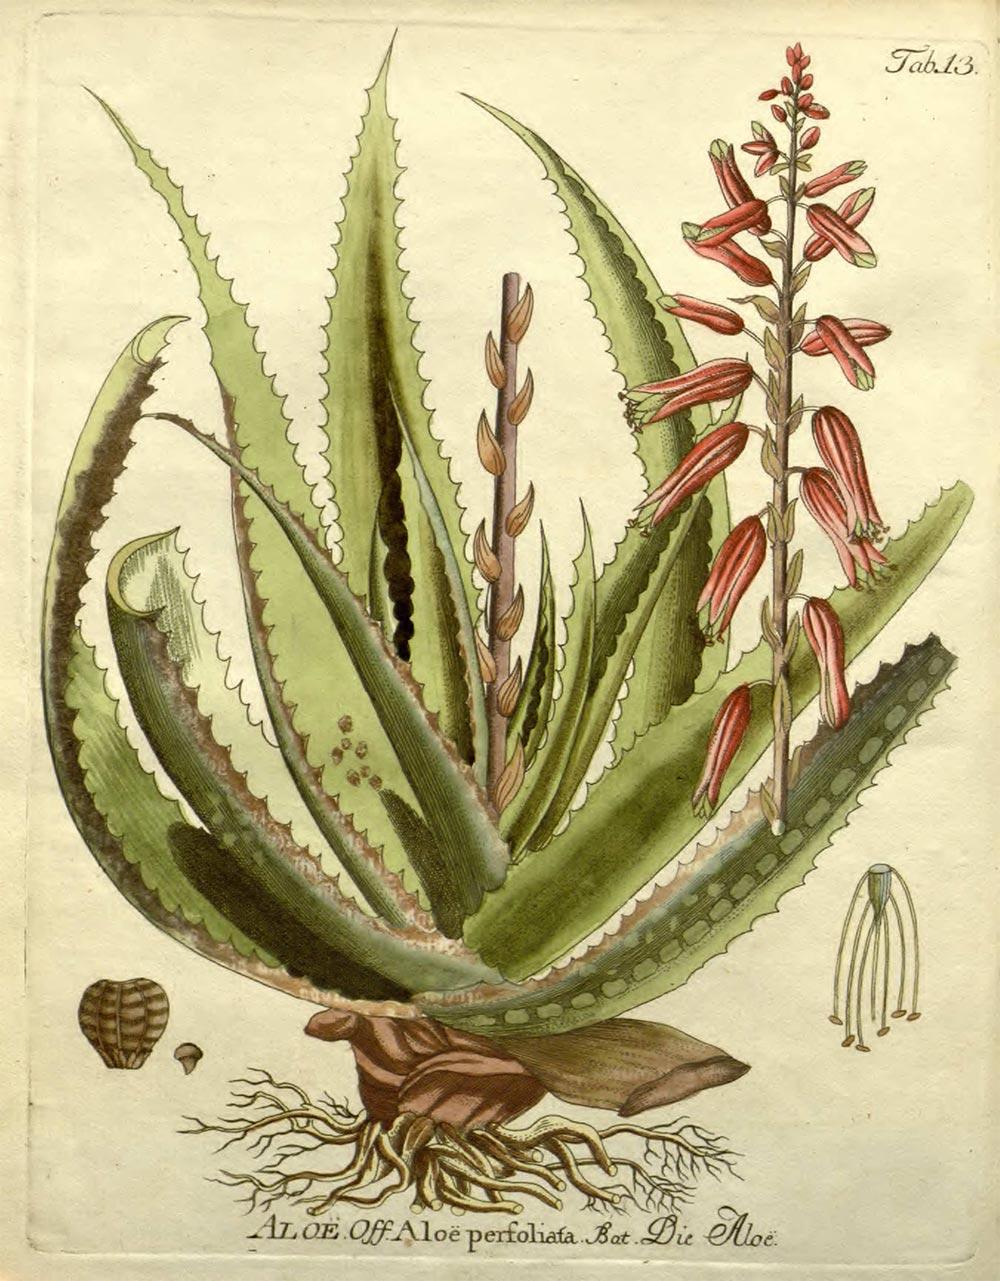 Zeichnung einer Aloe vera Pflanze